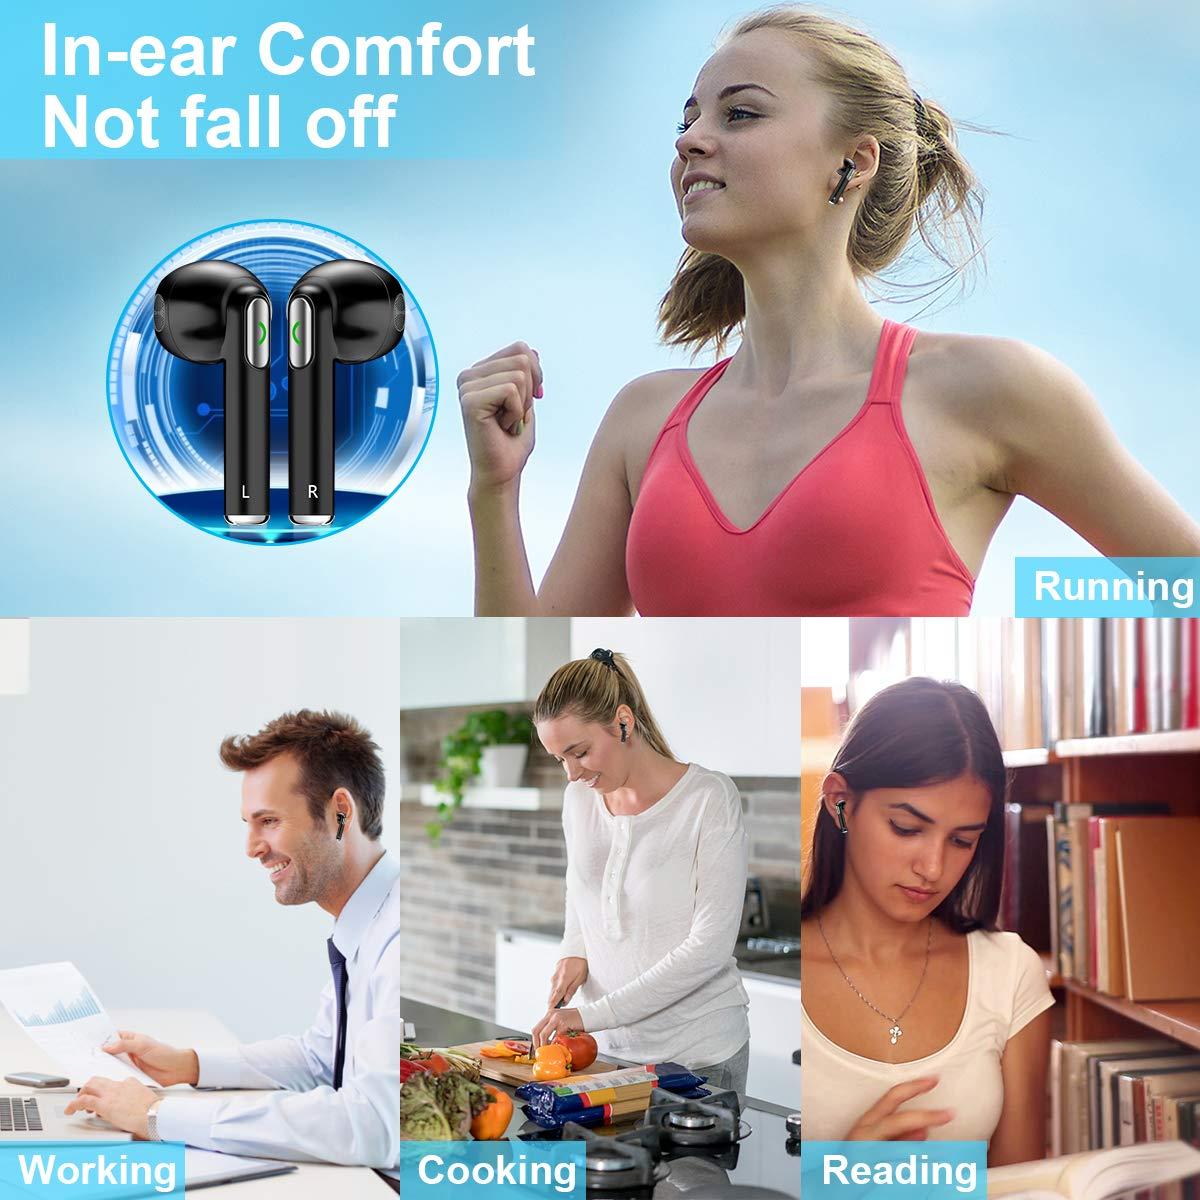 Auriculares Inalambricos, Auriculares Bluetooth Inalámbricos áuriculares In Ear Inalambricos con Micrófono áuriculares Bluetooth Mini Estéreo para iPhone 6 ...